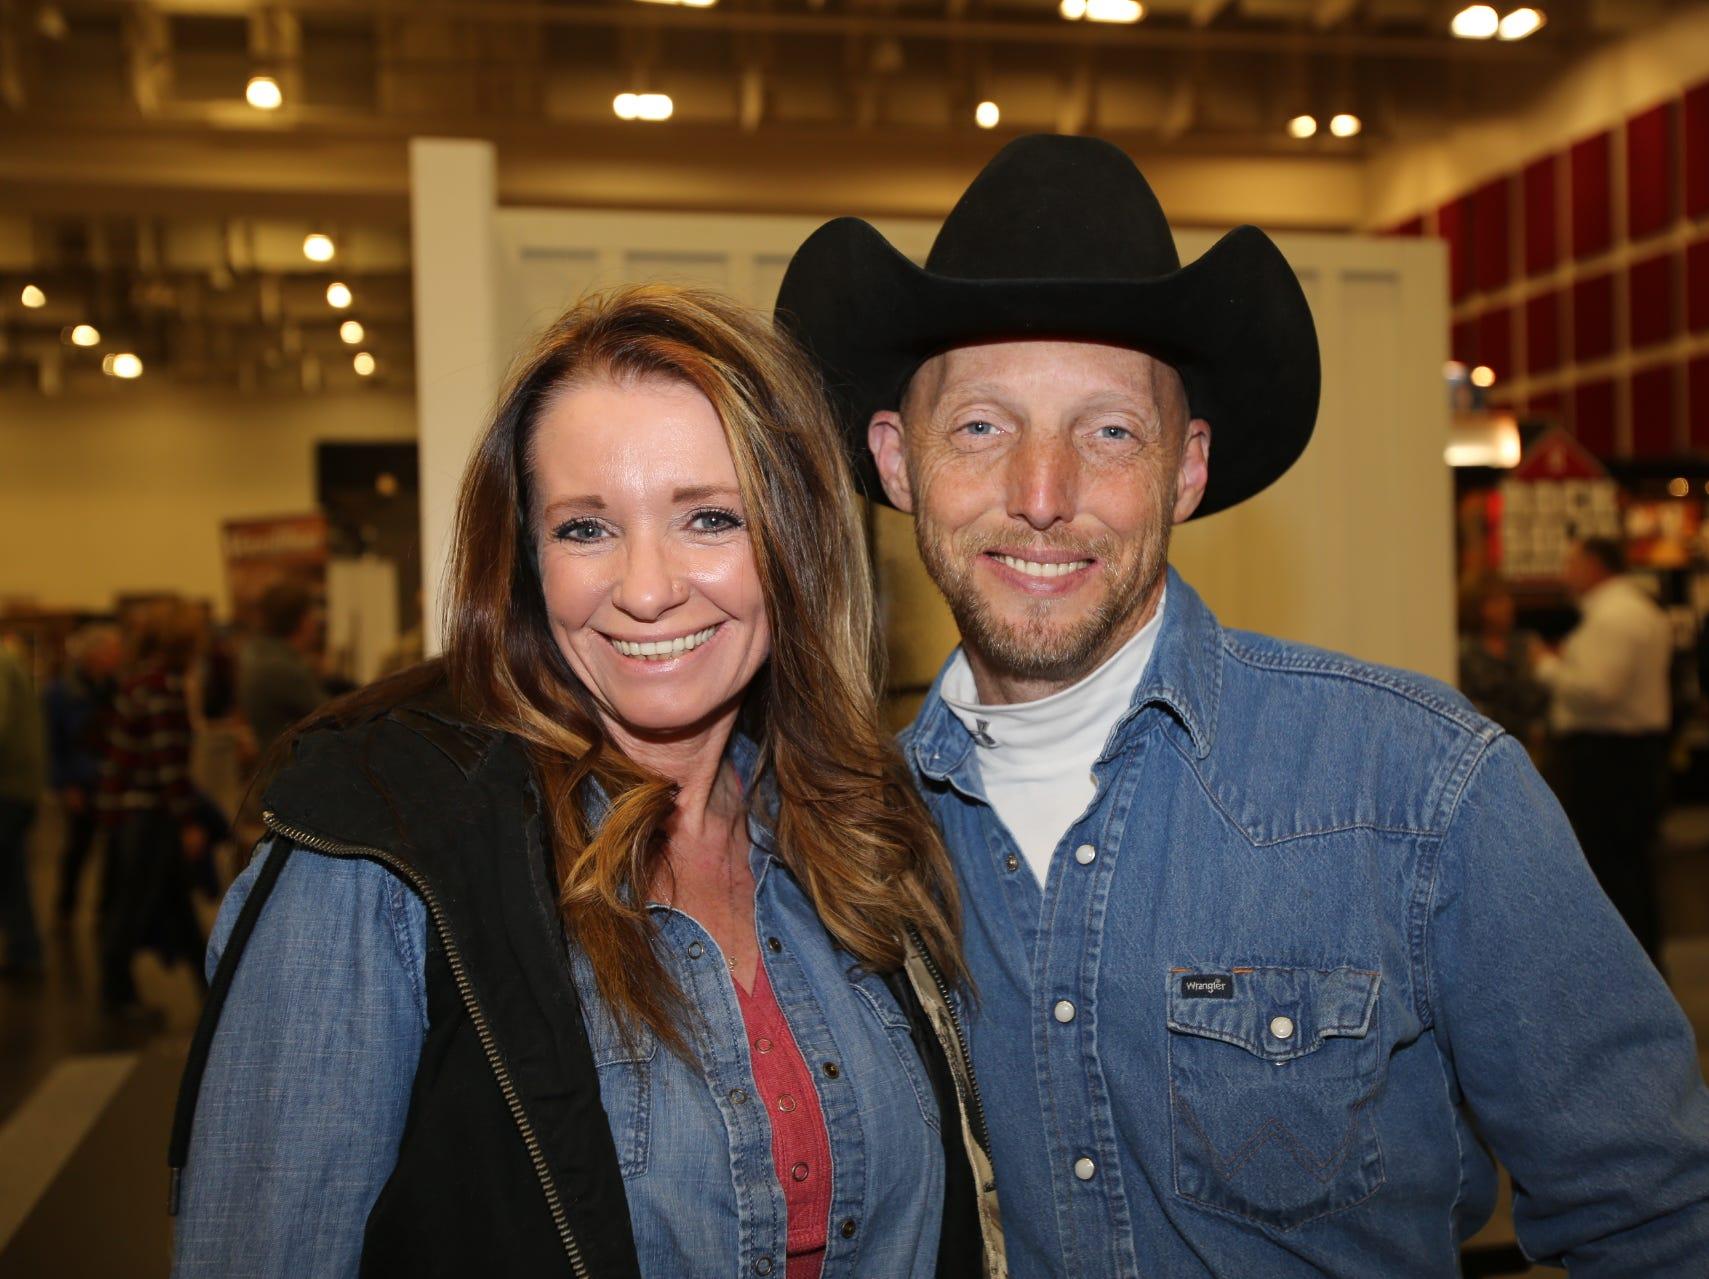 Liz Cooper and Larry Skidmore